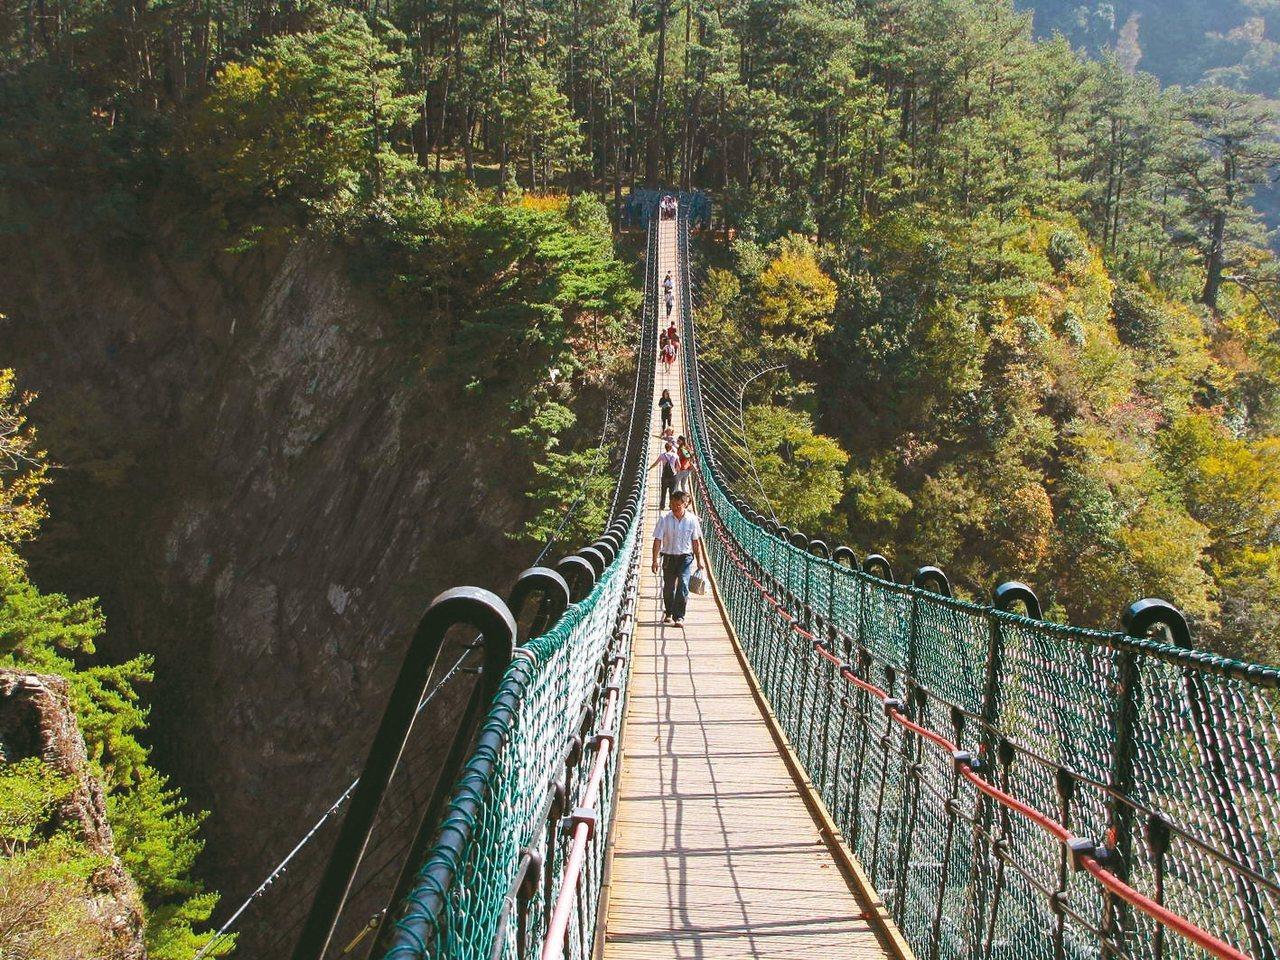 南投縣奧萬大吊橋10年前啟用,橋距溪床約70至80公尺,是縣內最高天空之橋。 圖...